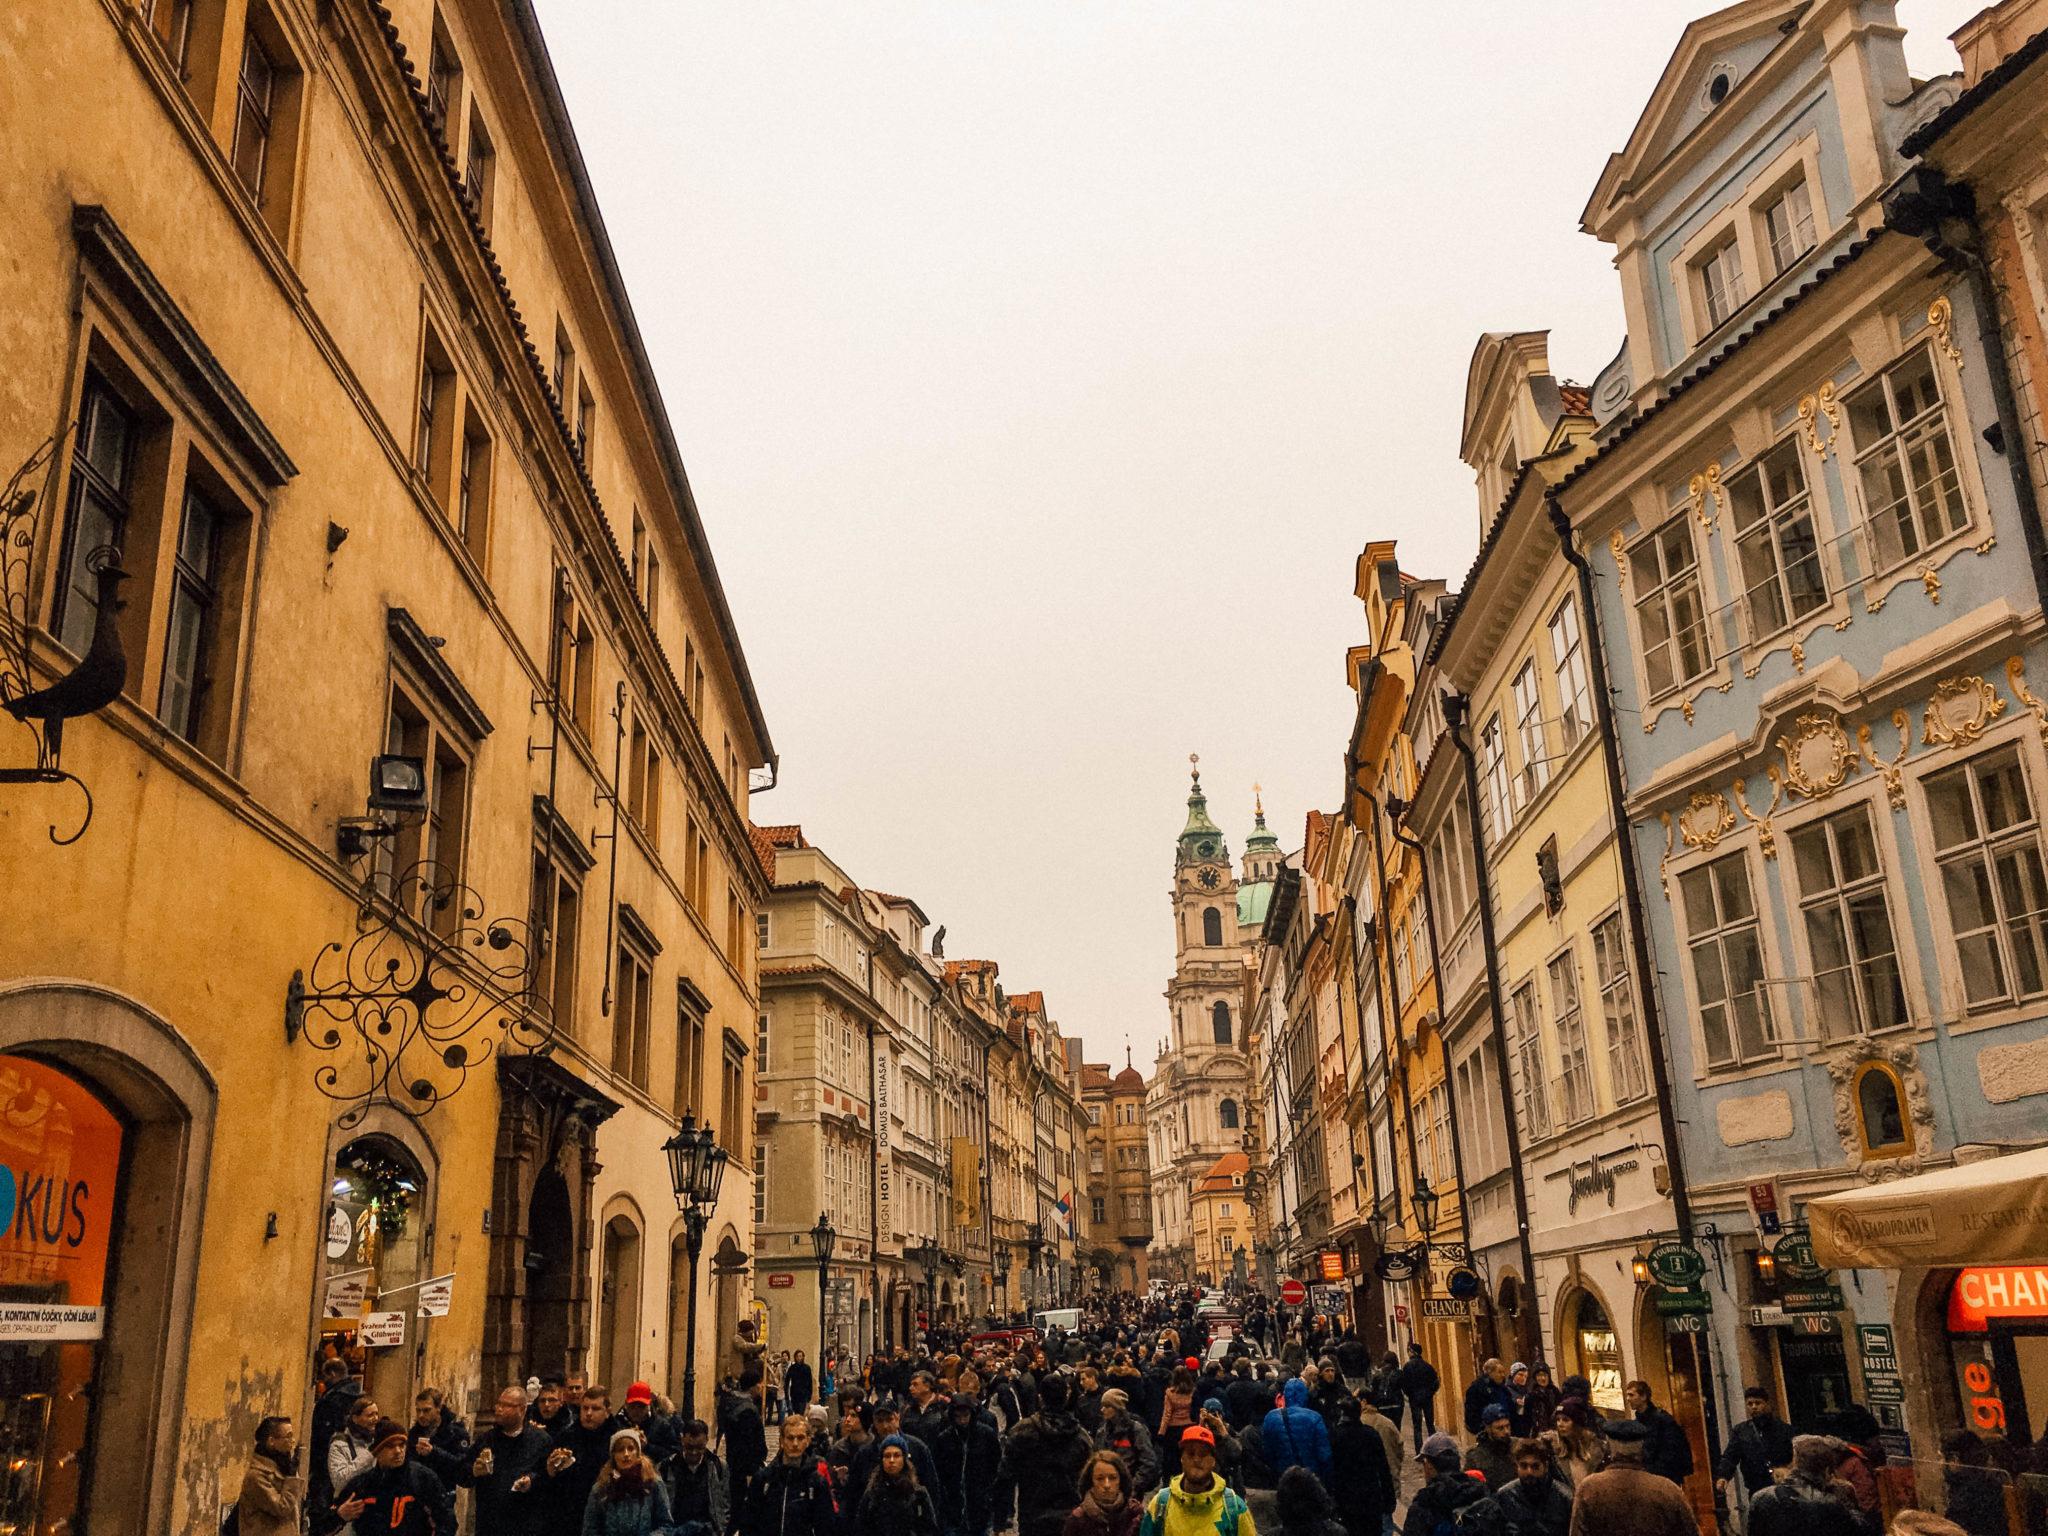 Une rue bondée mais très mignonne